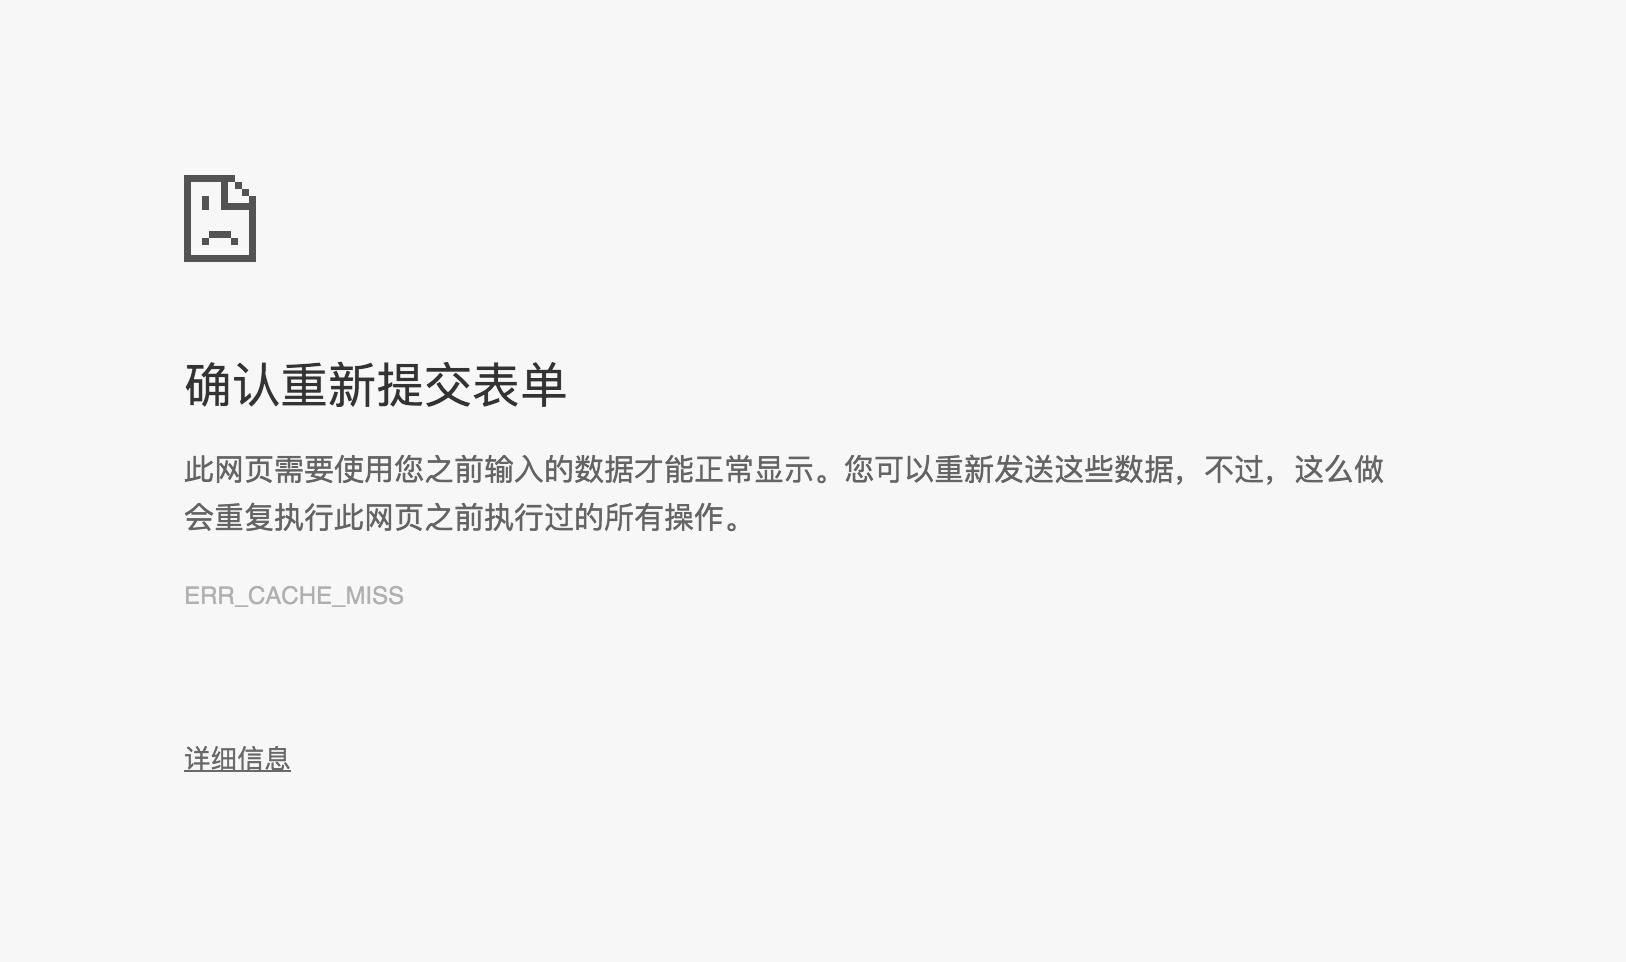 QQ20170218-102536@2x.png